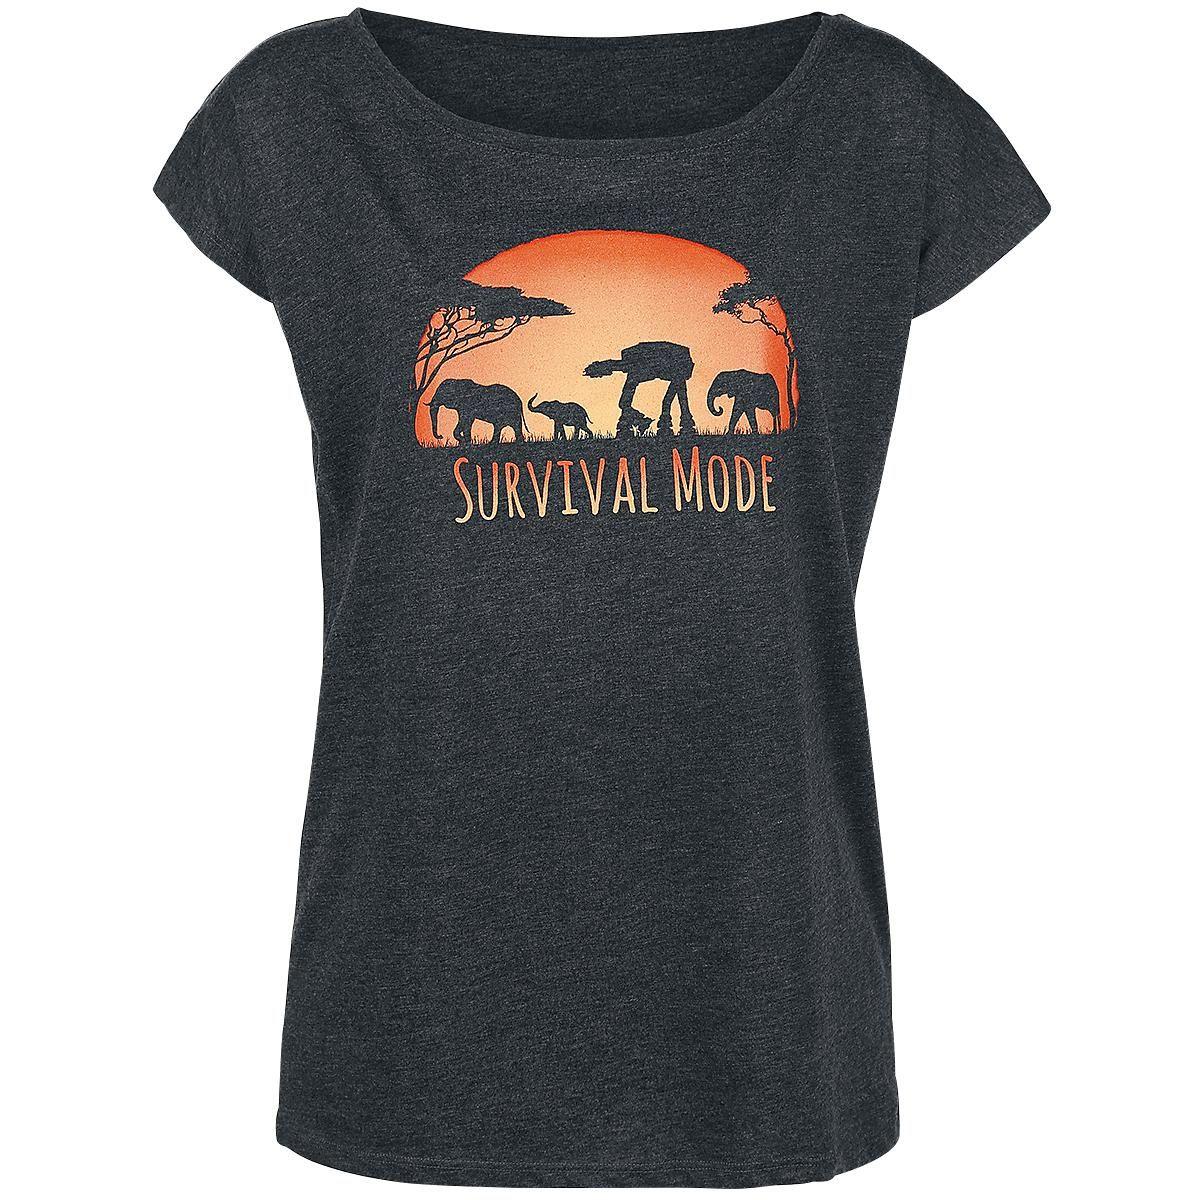 Star Wars - Survival Mode  - naisten T-paita - etupainatus - pyöreä pääntie - normaali mitoitus